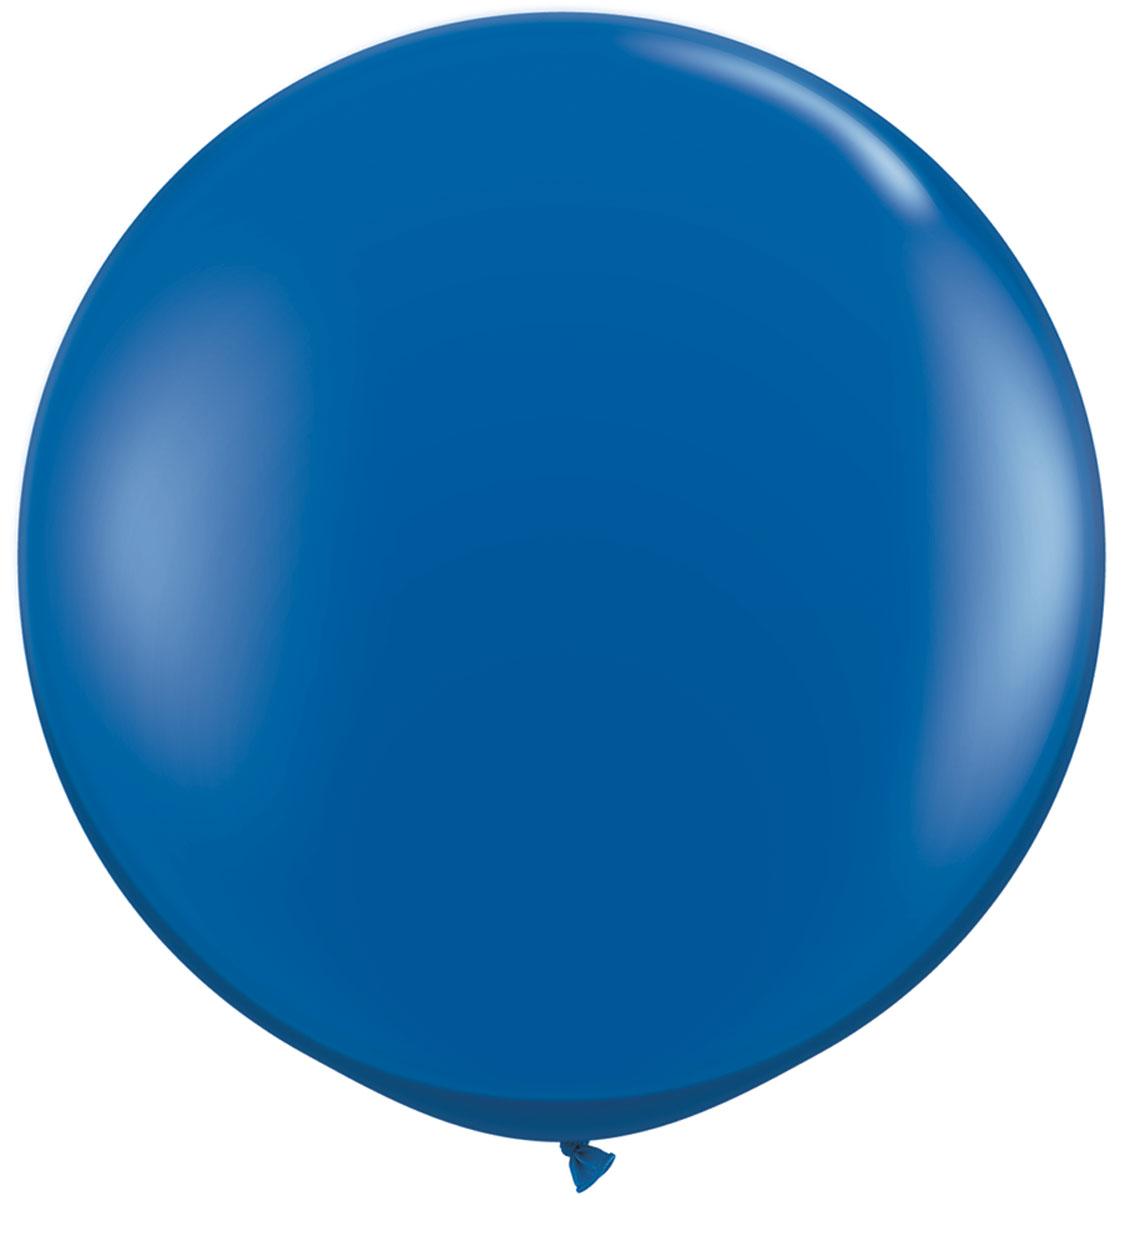 1125x1256 Balloon Clipart Light Blue